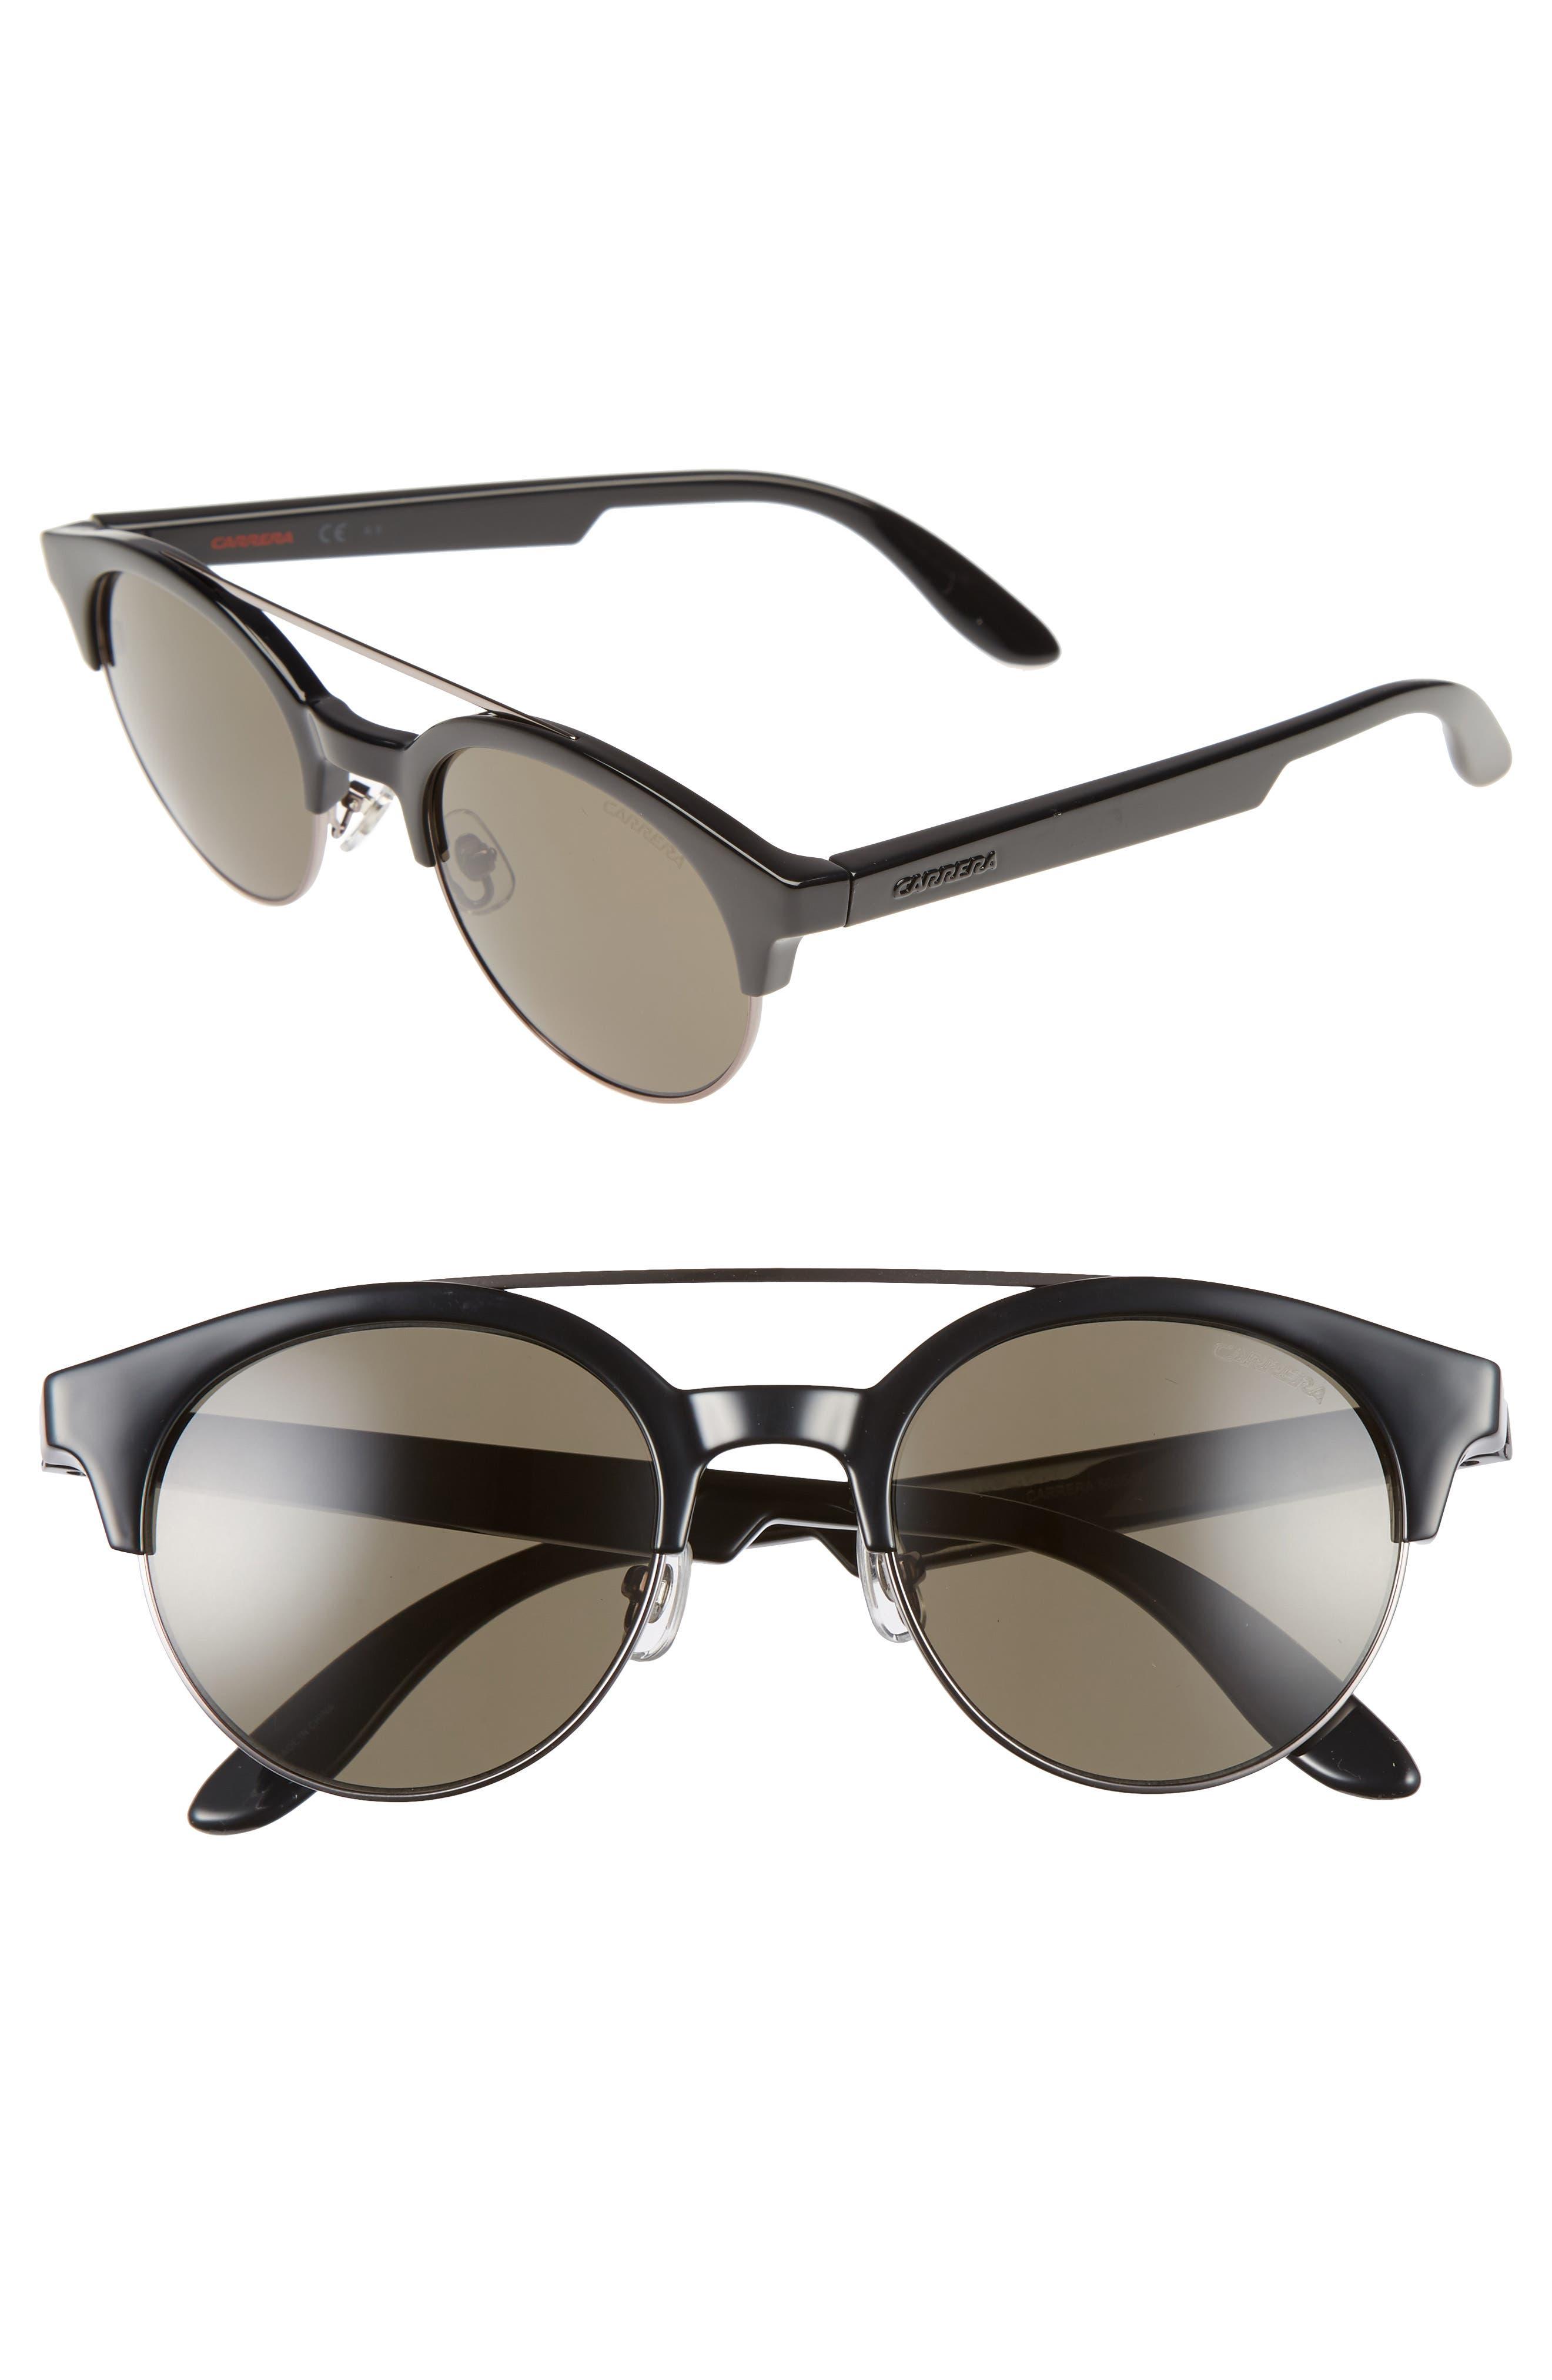 CARRERA EYEWEAR Retro 50mm Sunglasses, Main, color, 001